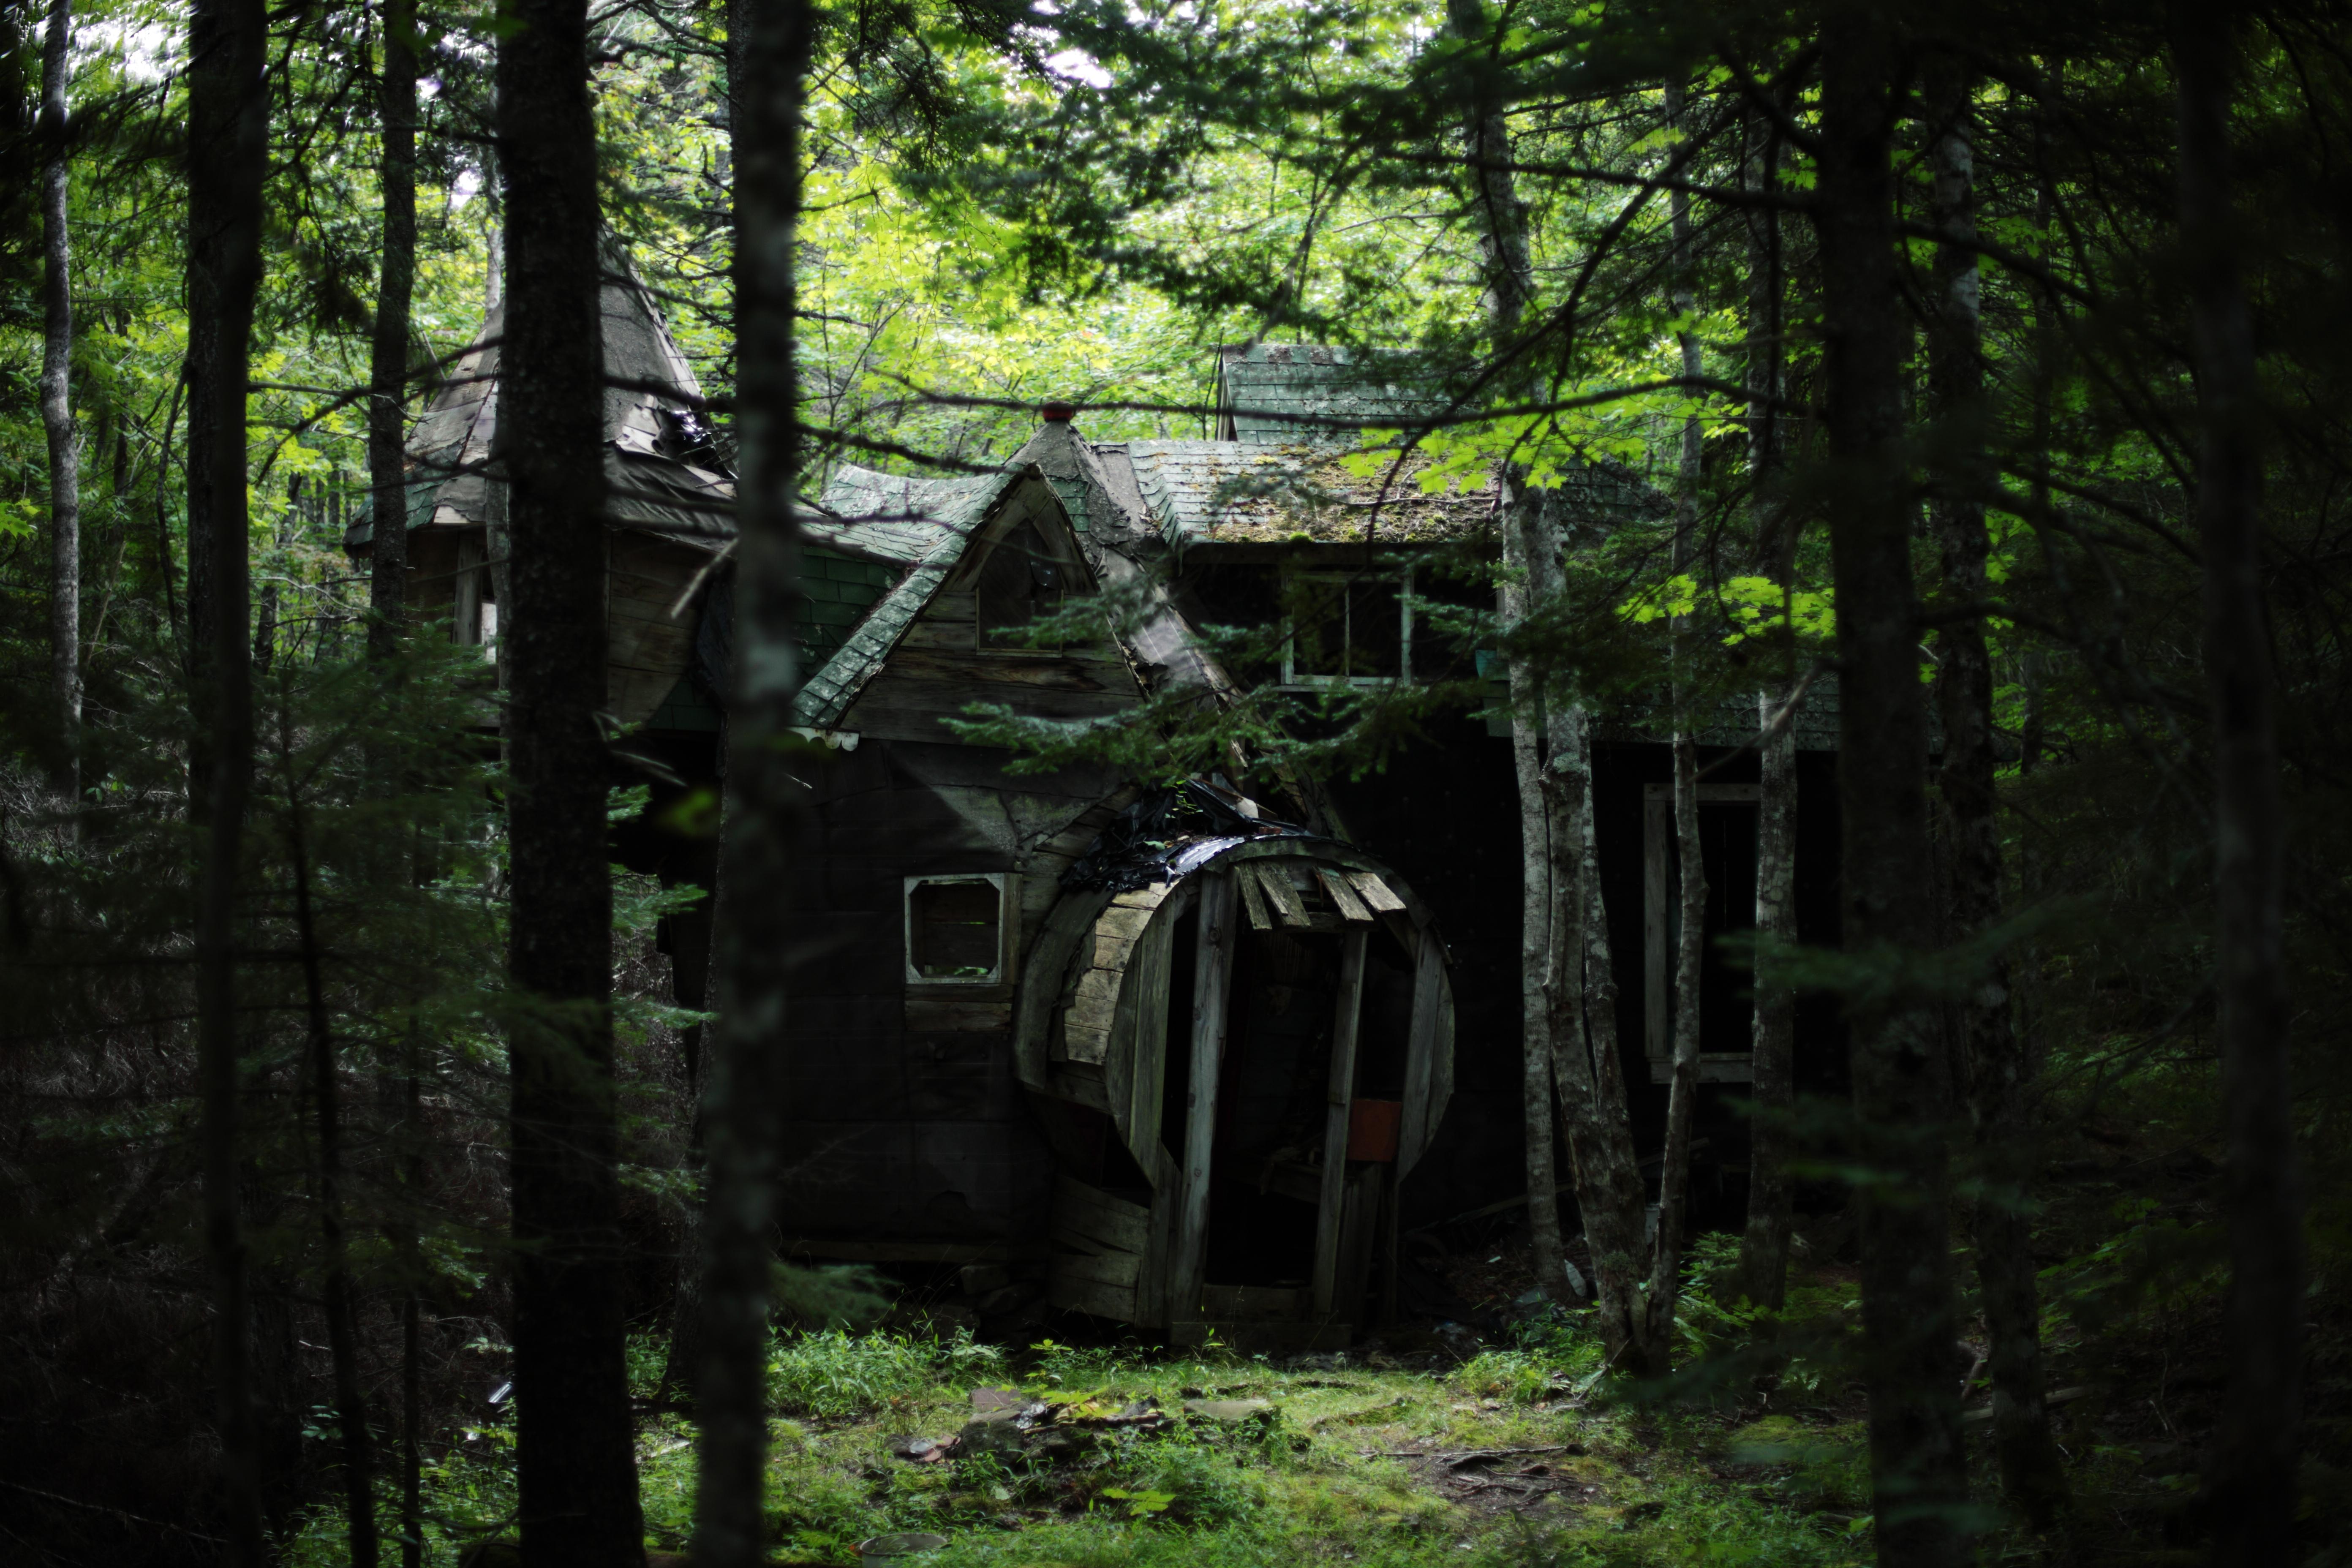 sample 3 - The Acid House